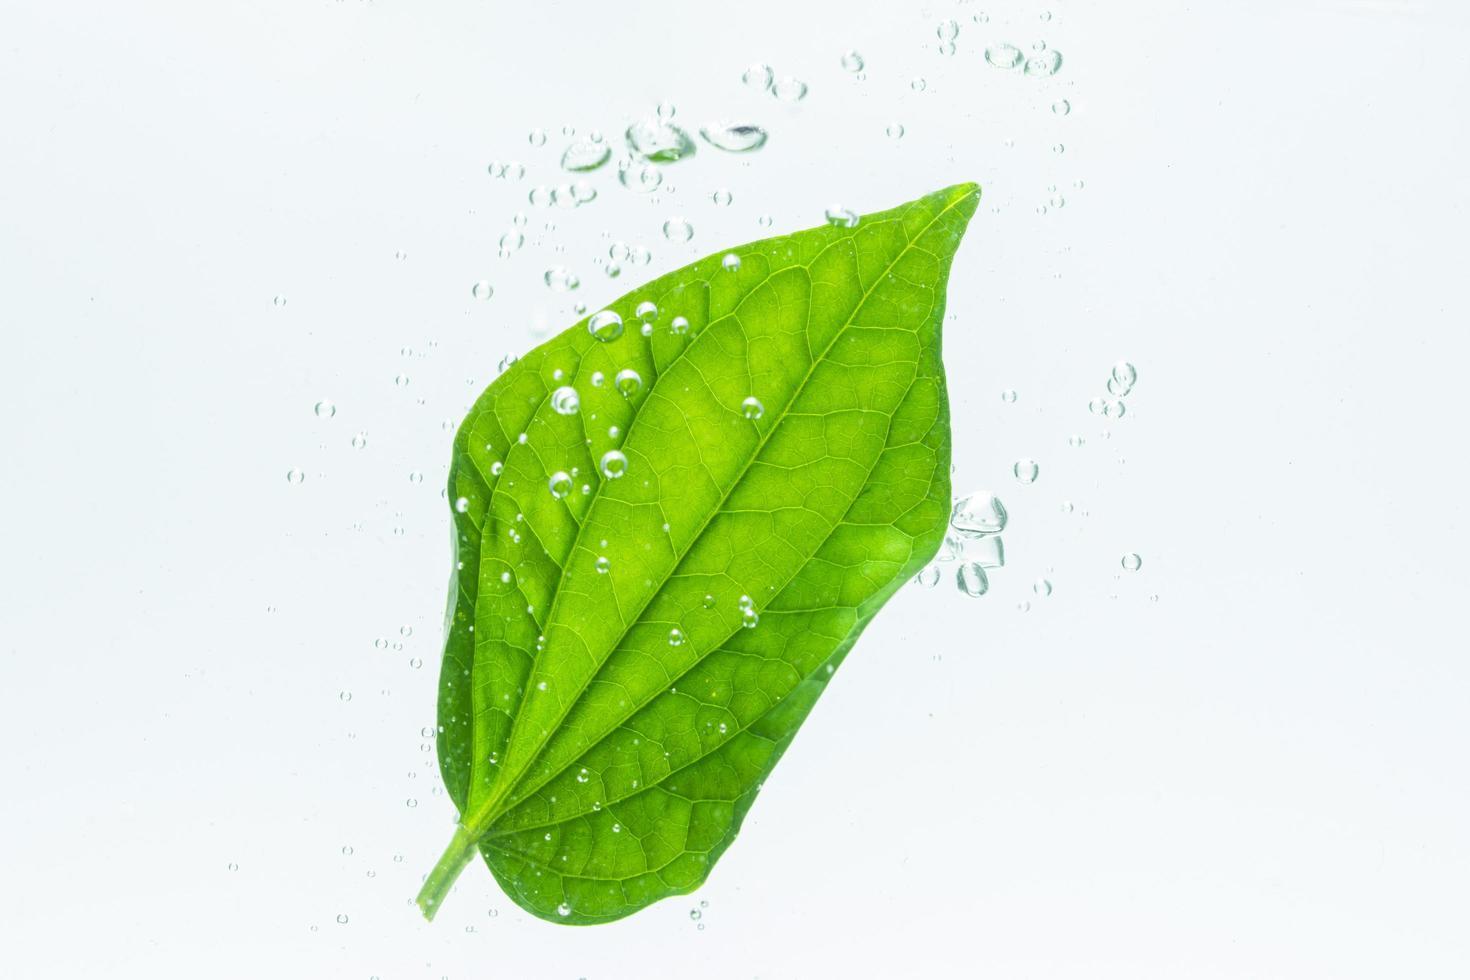 foglia verde e bolle nell'acqua foto